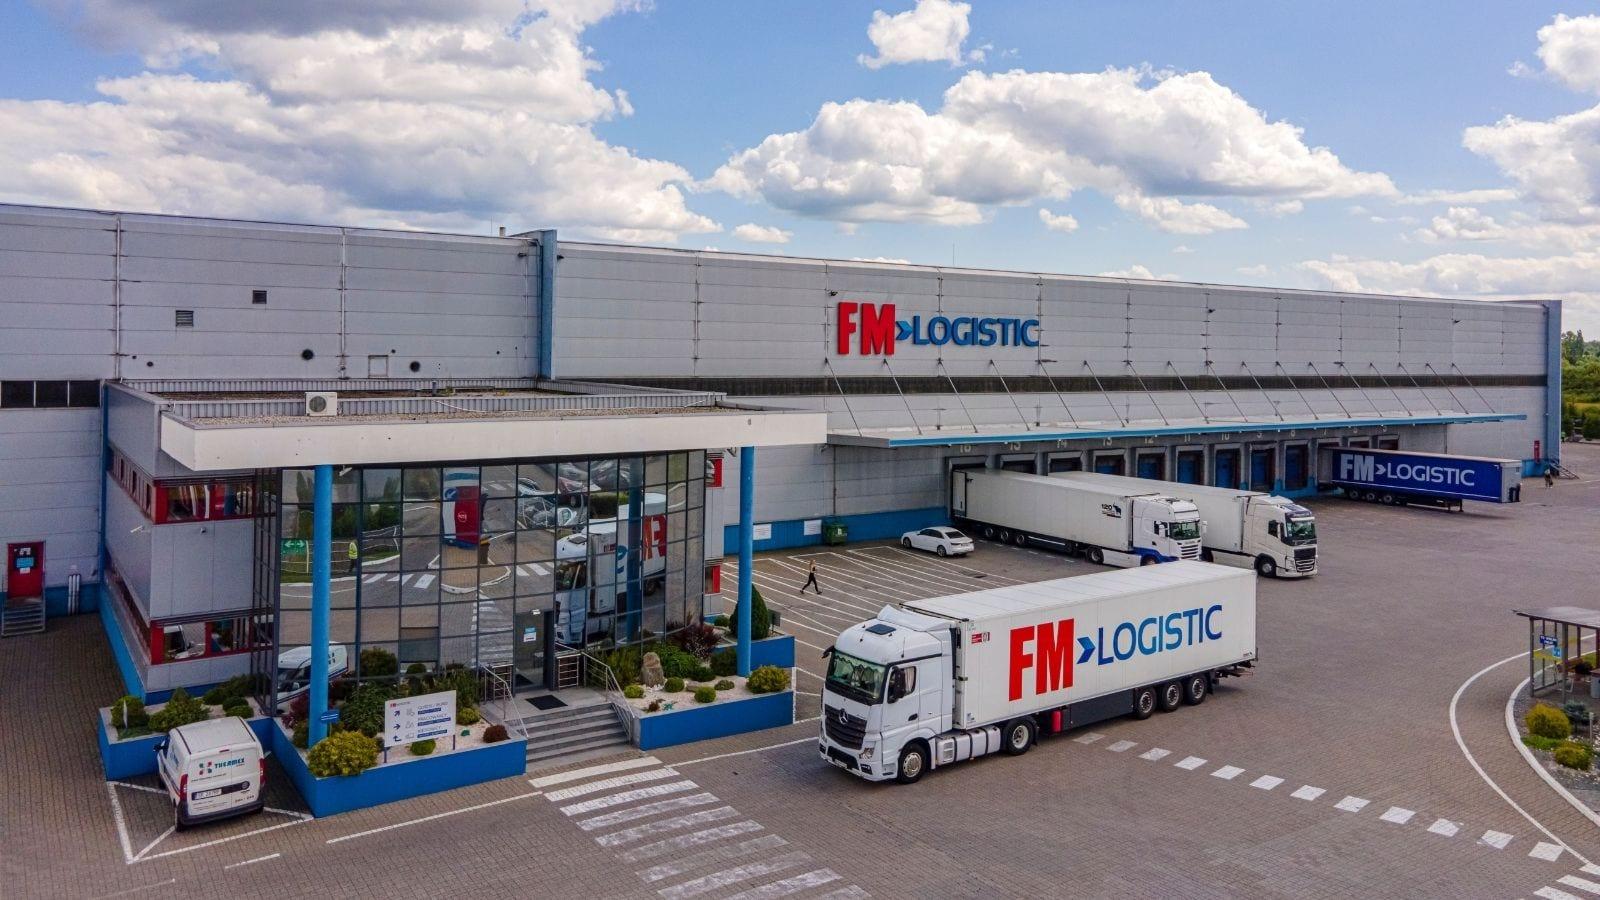 FM Logistic rozstrzygnęło przetarg! Przetargi mediarun fm logistic